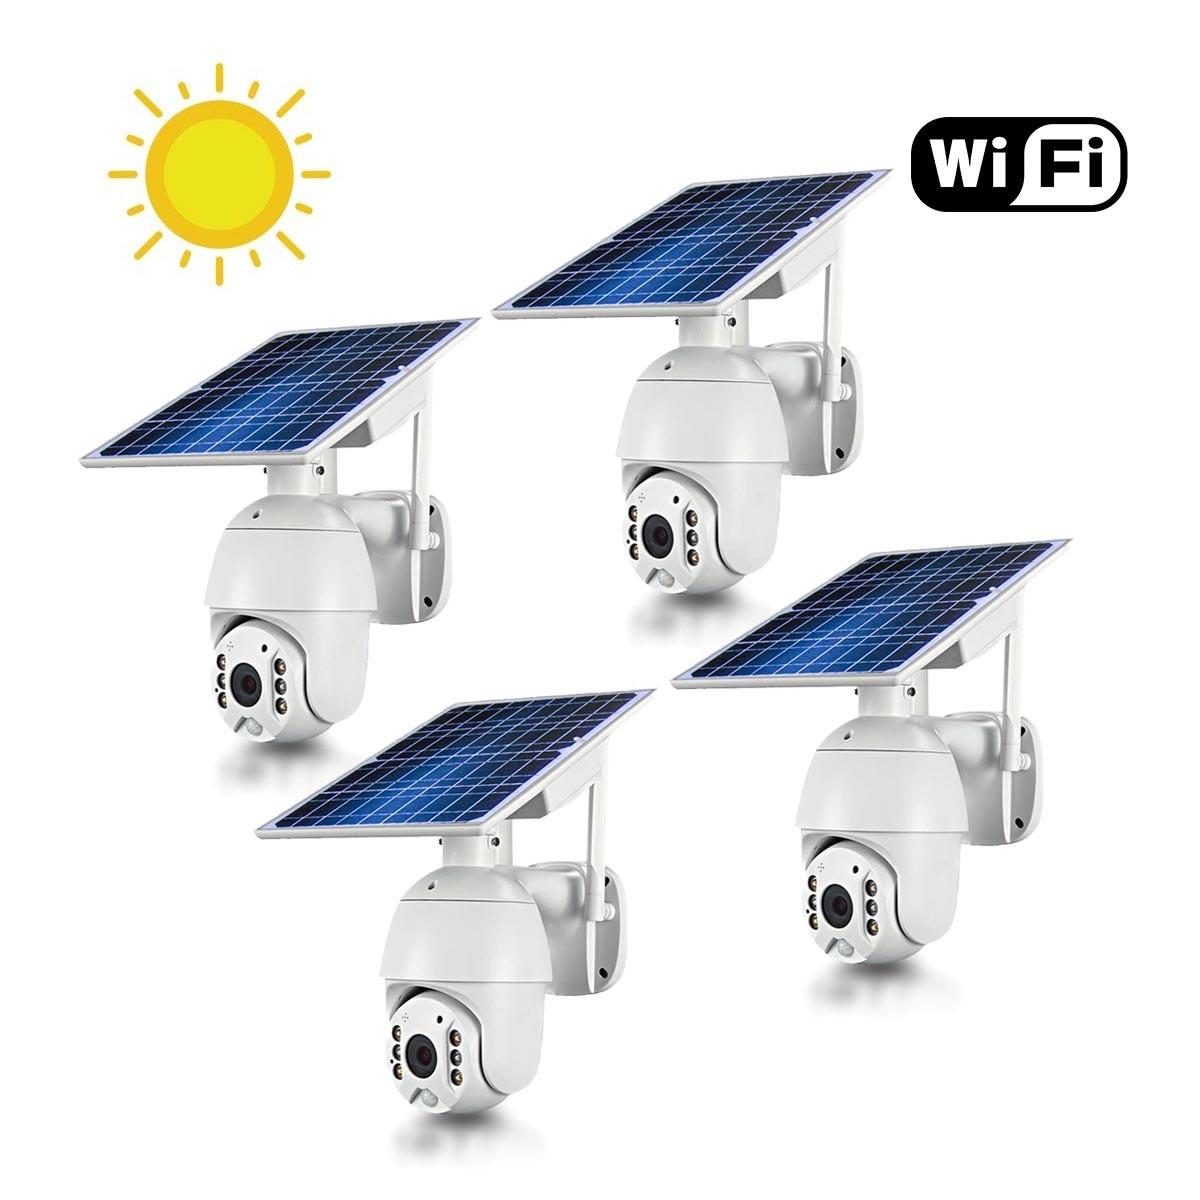 Kit 4 caméras pilotables solaires IP Wifi HD 1080P waterproof Infrarouges accès à distance via iPhone Android 64 Go inclus